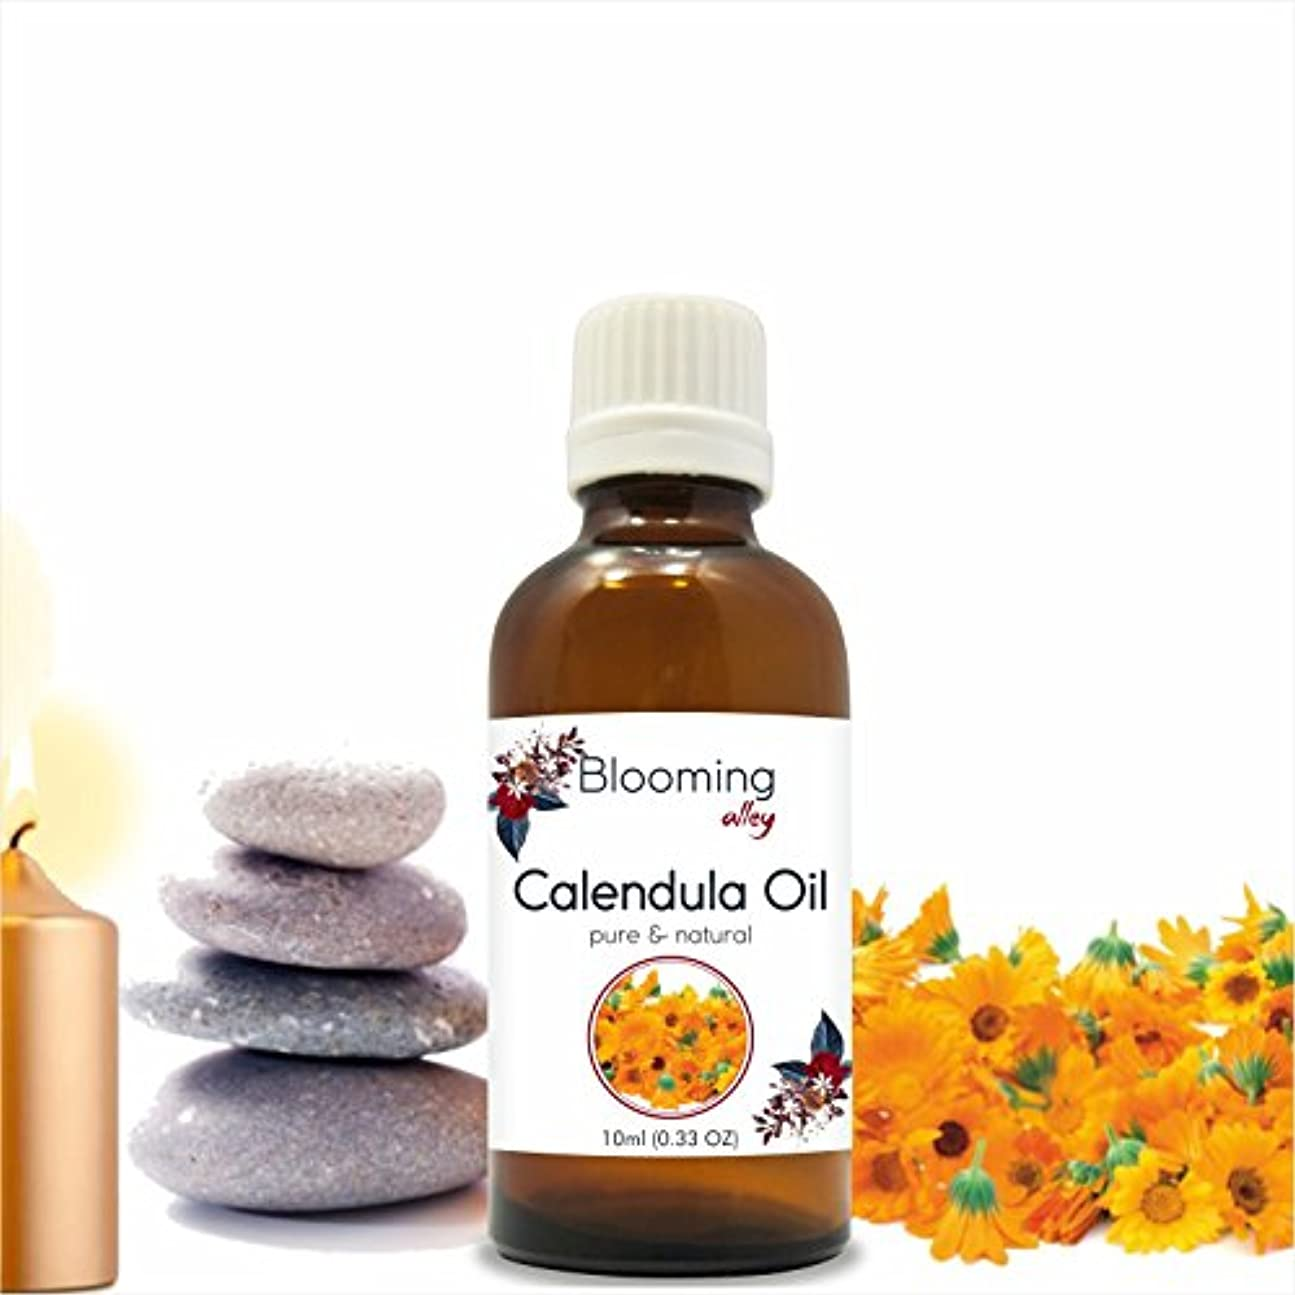 単位フィルタ状態Calendula Oil (Calendula Officinalis) Essential Oil 10 ml or 0.33 Fl Oz by Blooming Alley